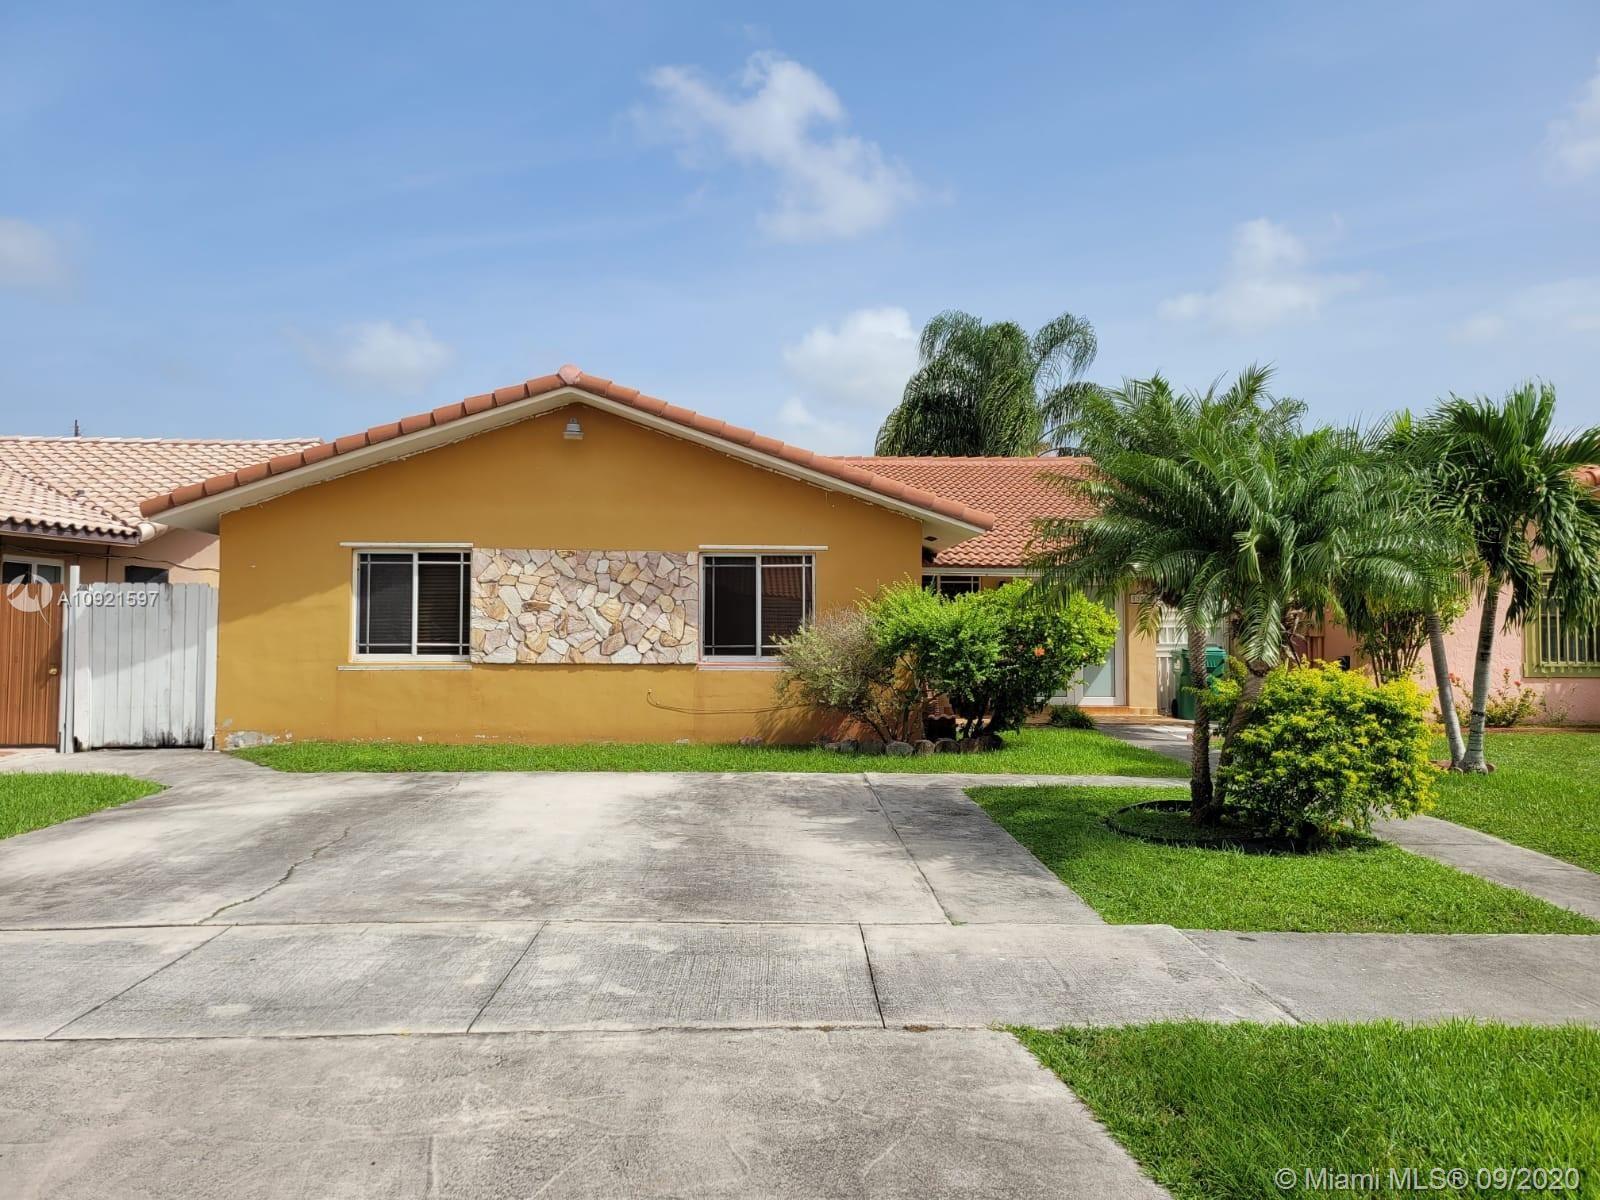 13723 SW 12th St, Miami, FL 33184 - #: A10921597